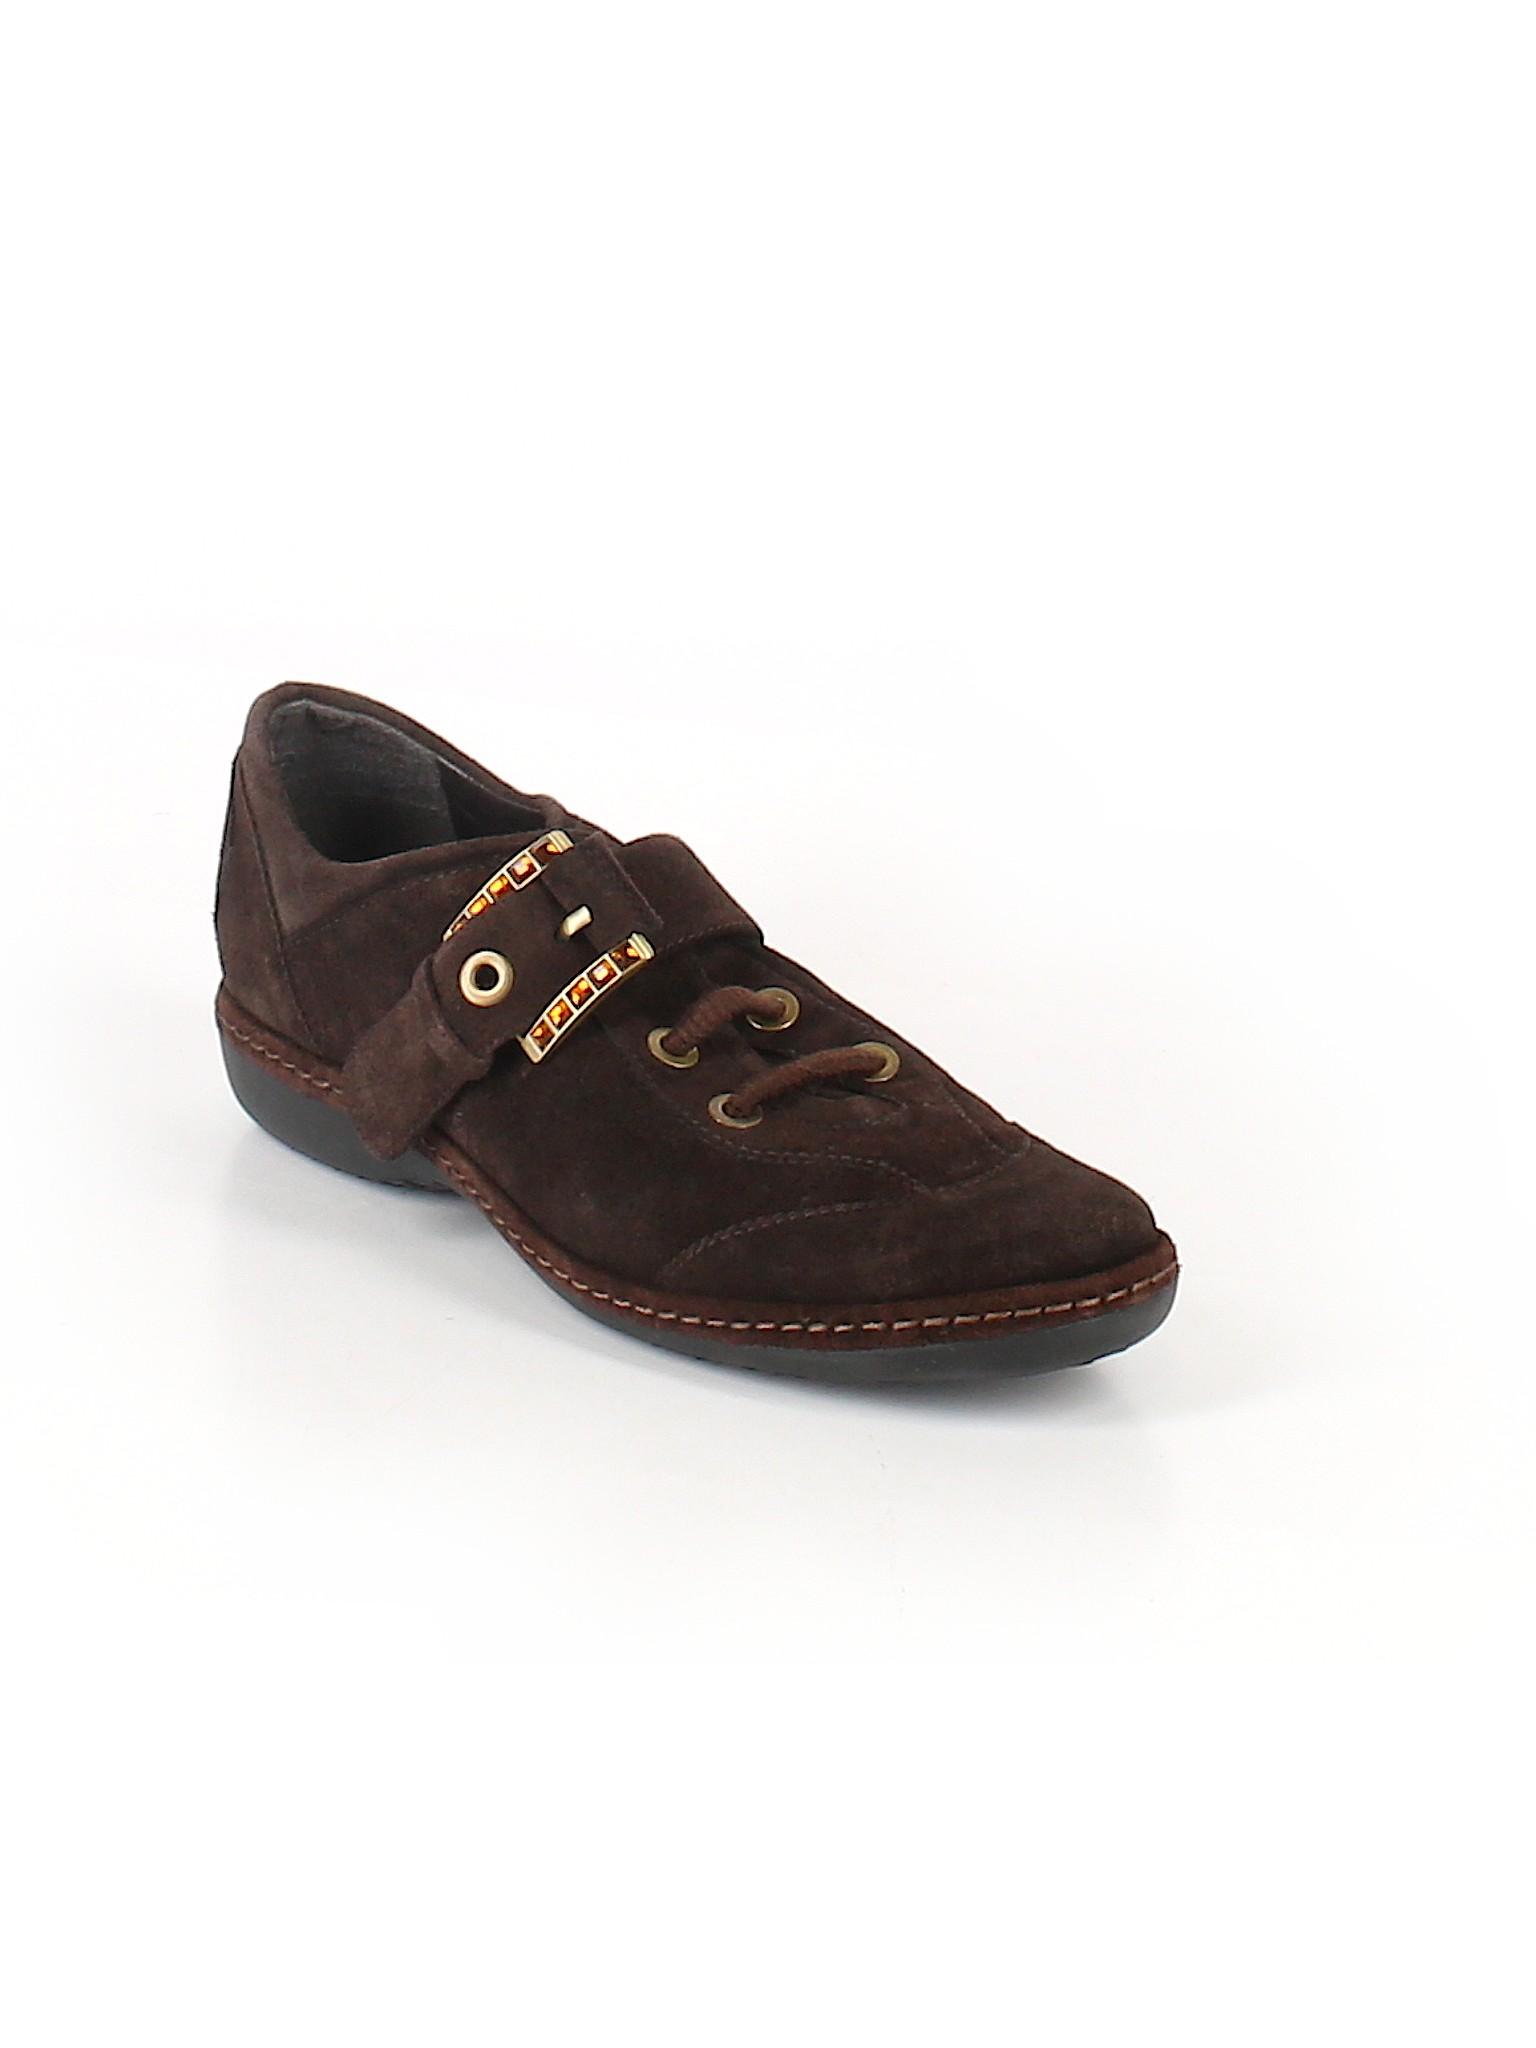 Weitzman Stuart Boutique Boutique promotion promotion Sneakers tCIq7I